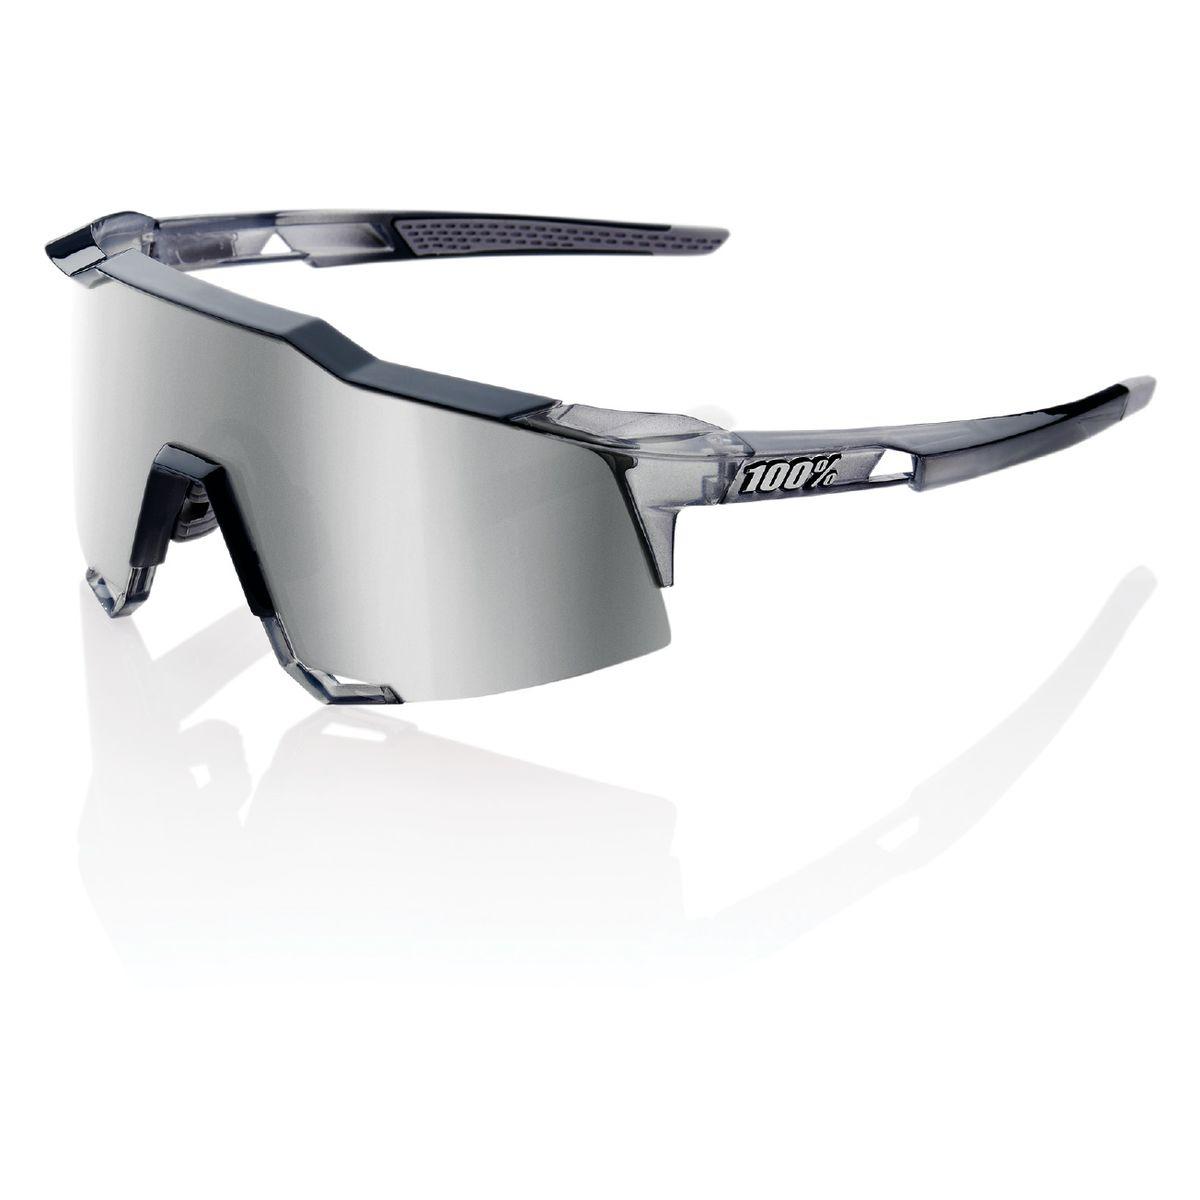 73f03aa5aea 100% Speedcraft Sunglasses - MX Alliance